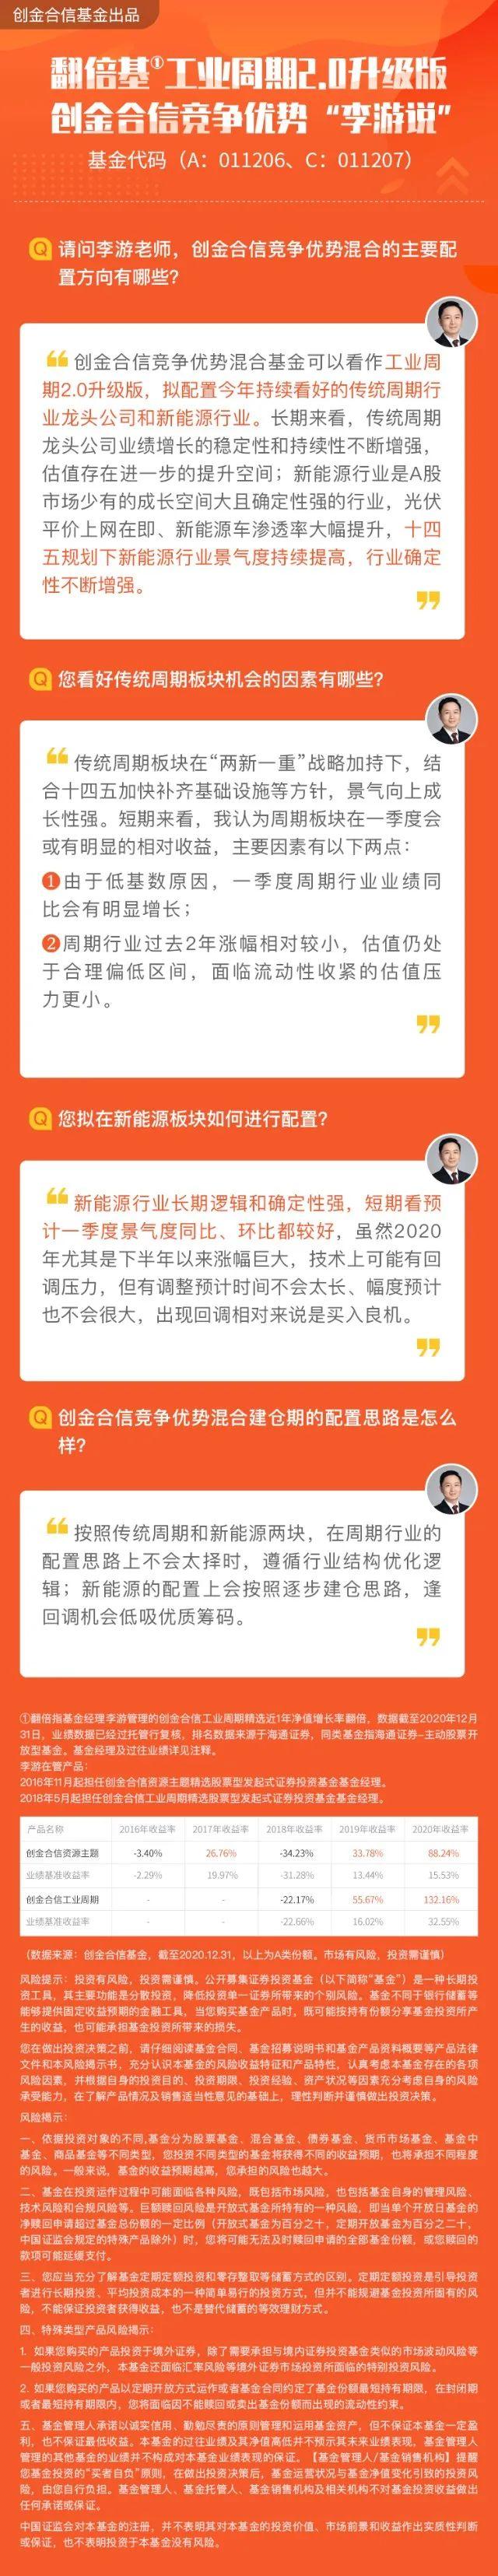 """工业周期2.0升级版,创金合信竞争优势""""李游说"""""""